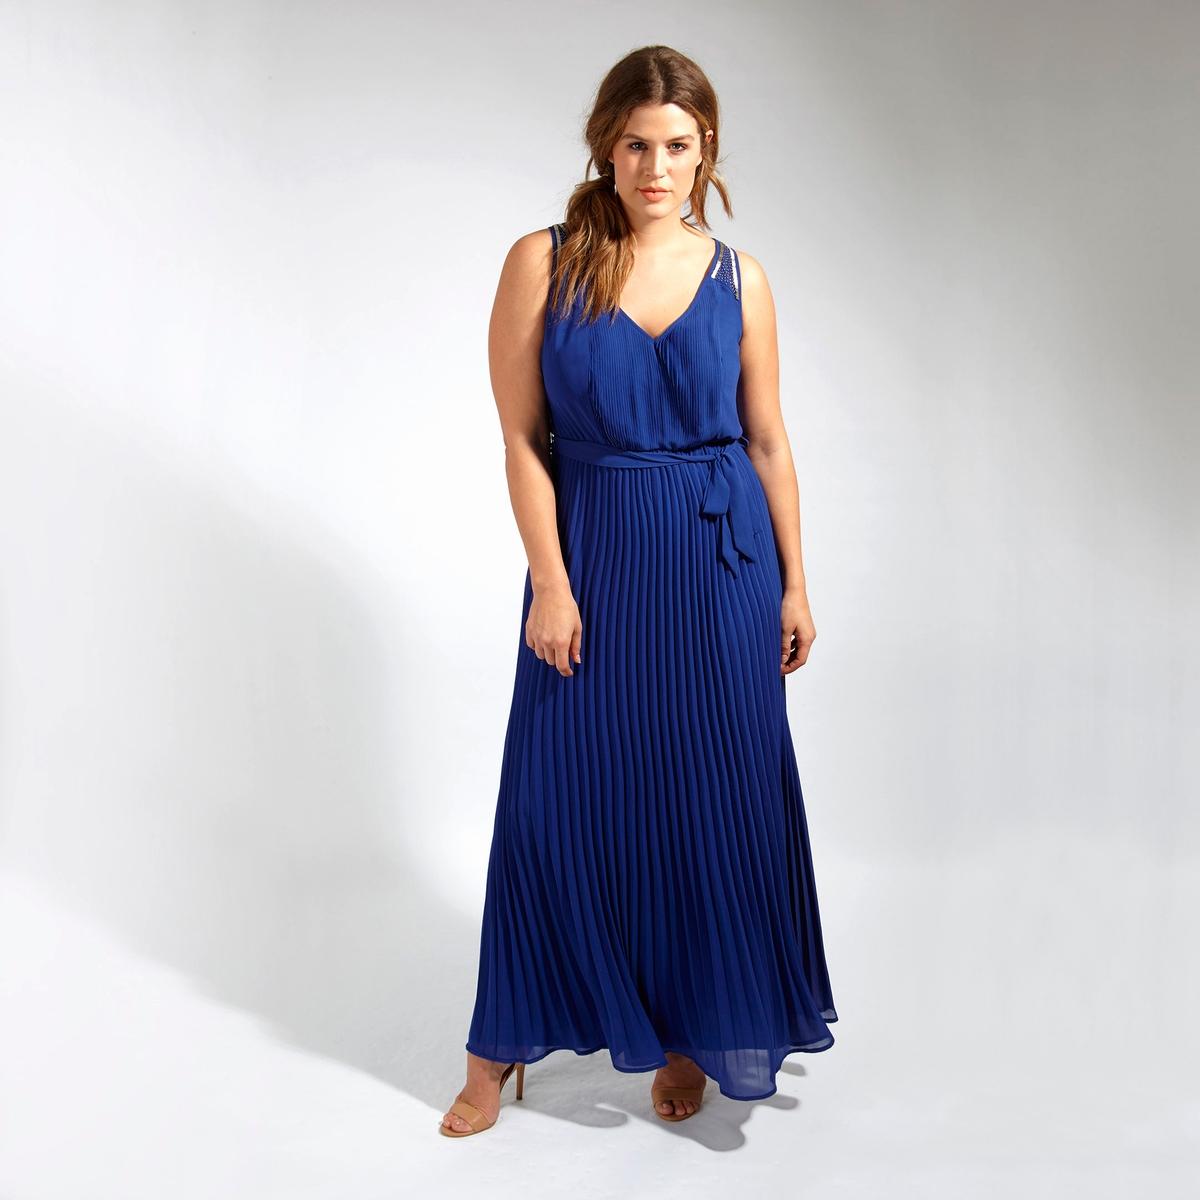 Платье длинноеДлинное платье LOVEDROBE без рукавов. Завязки на поясе. Юбка с эффектом плиссе. Оригинальные детали из бисера на бретелях. 100% полиэстер<br><br>Цвет: синий